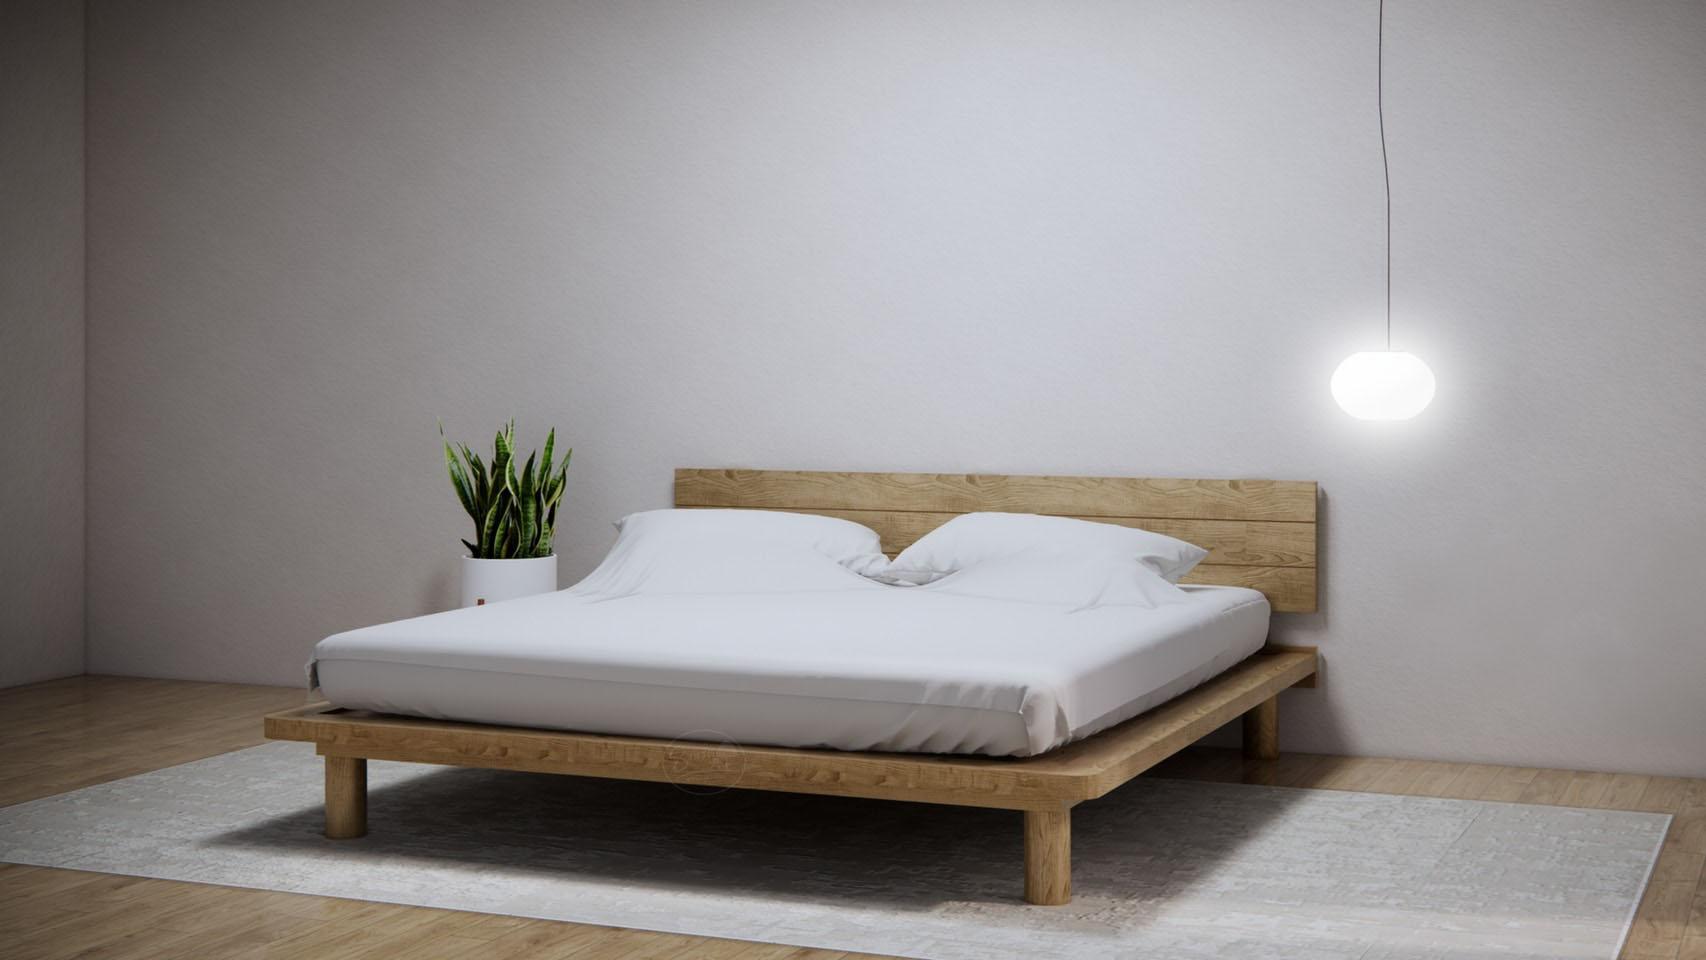 KR113 Muji Bed-เตียงมินิมอล มูจิๆ ขากลมสูง